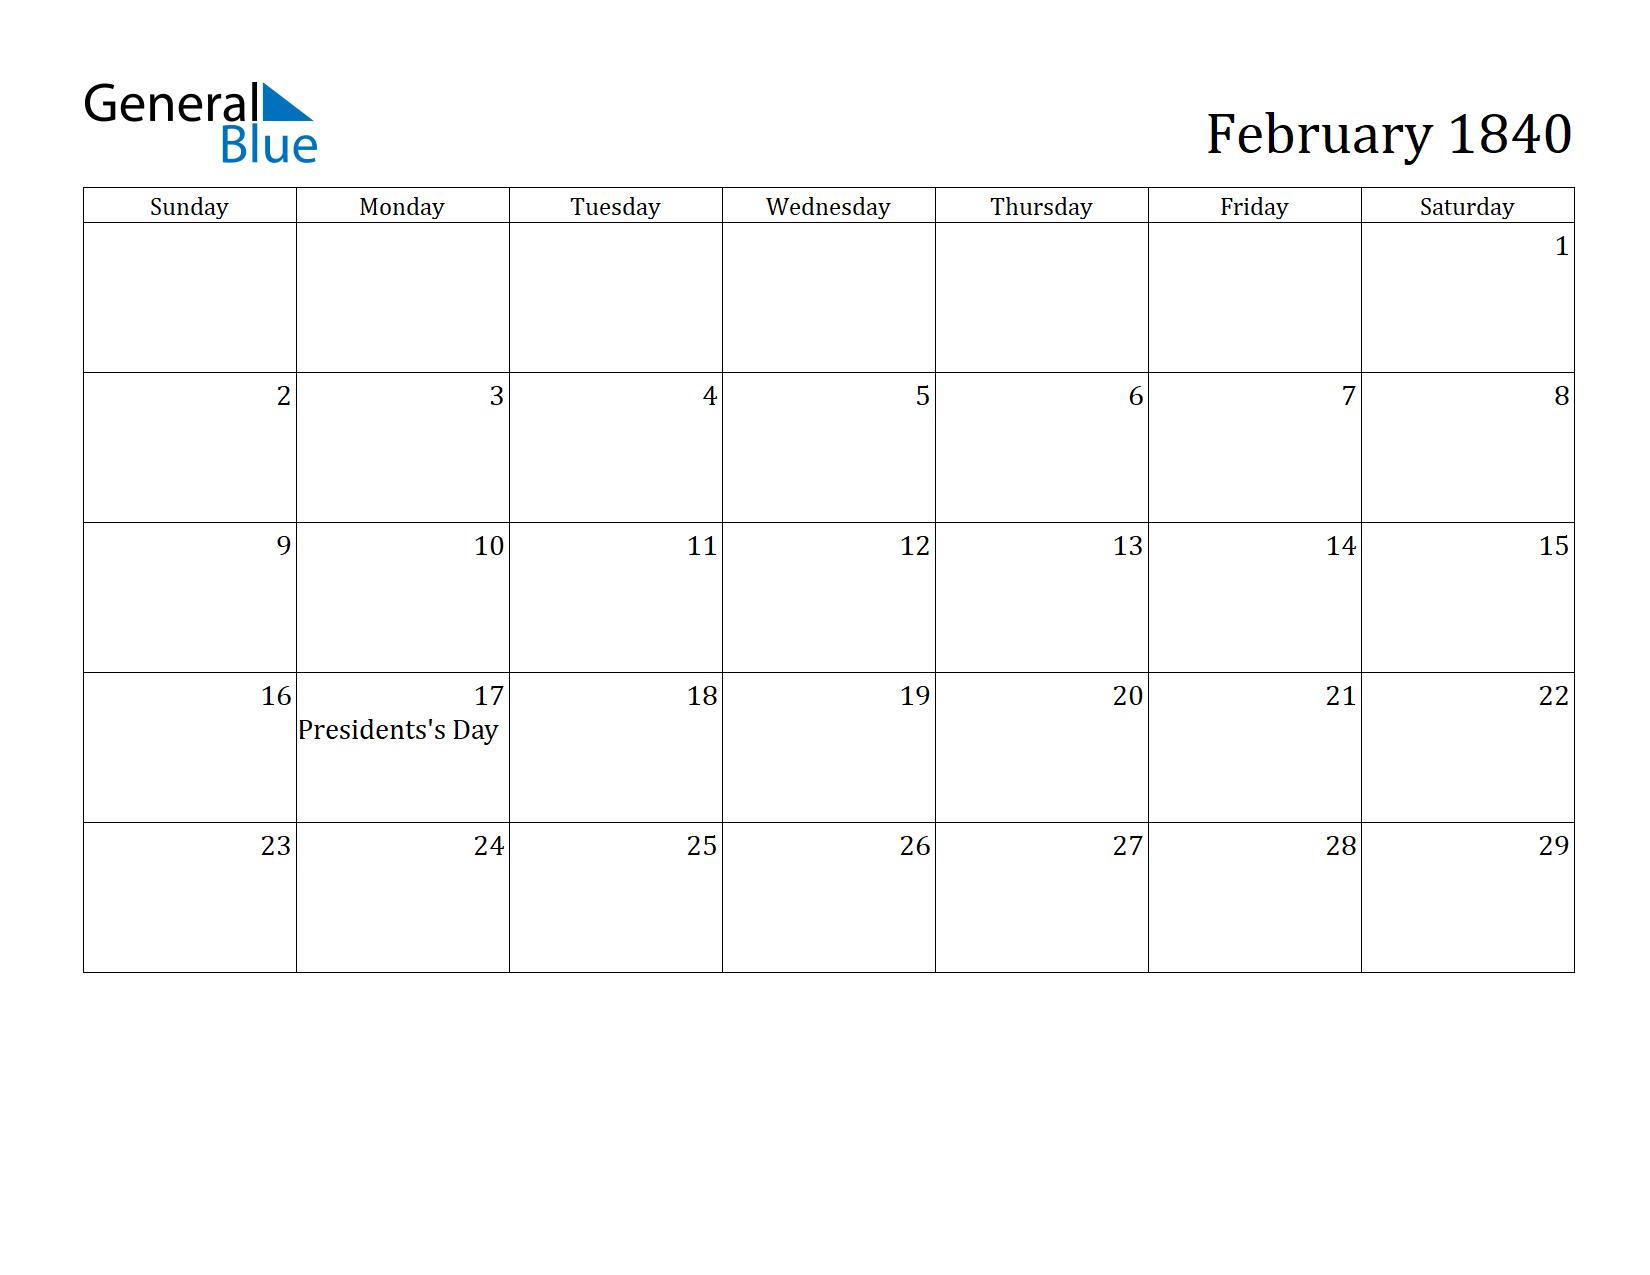 Image of February 1840 Calendar